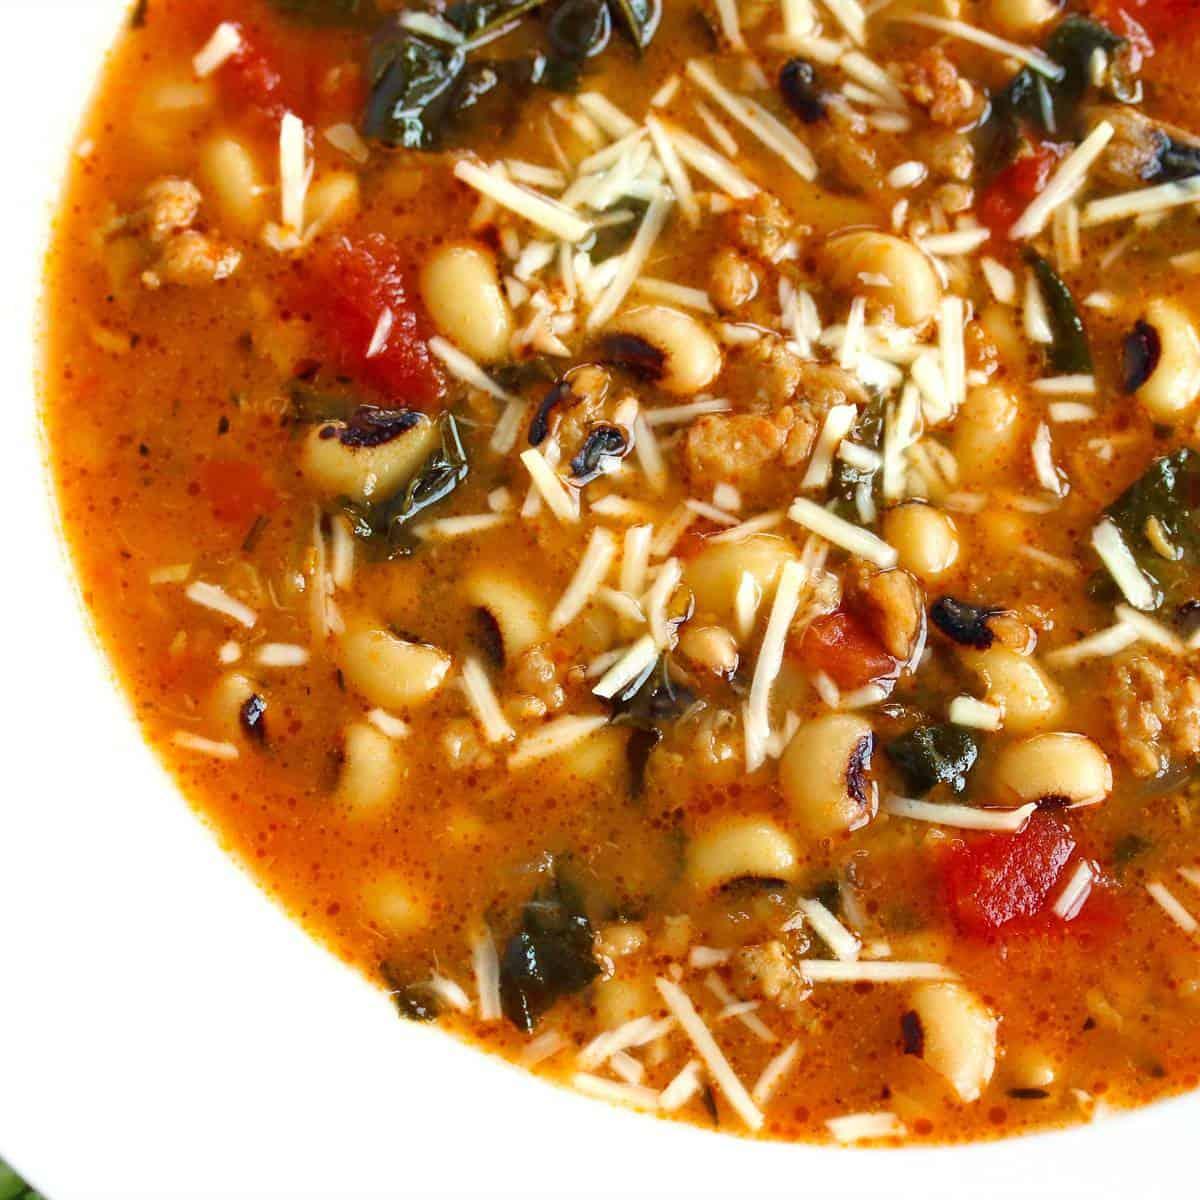 black eyed peas soup recipe kale sausage parmesan cheese gluten free